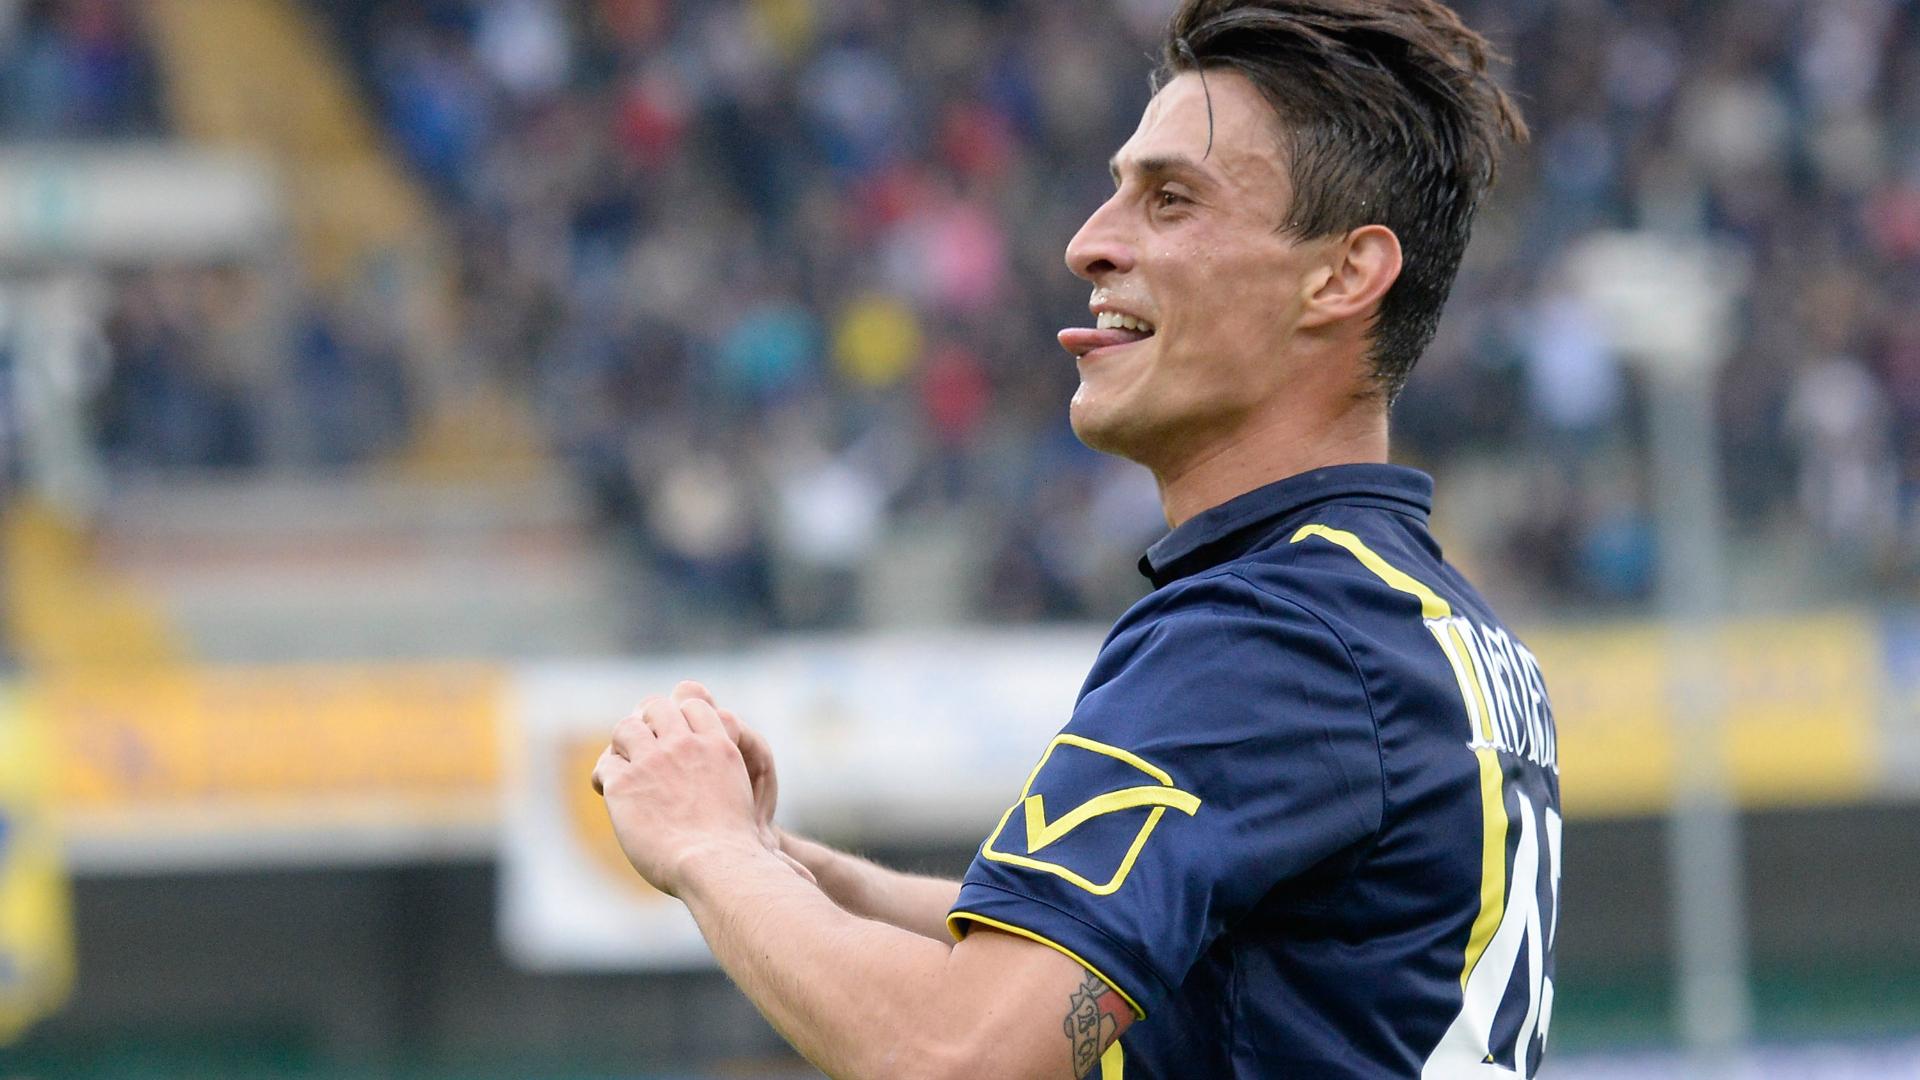 Calciomercato, Roberto Inglese acquistato dal Napoli